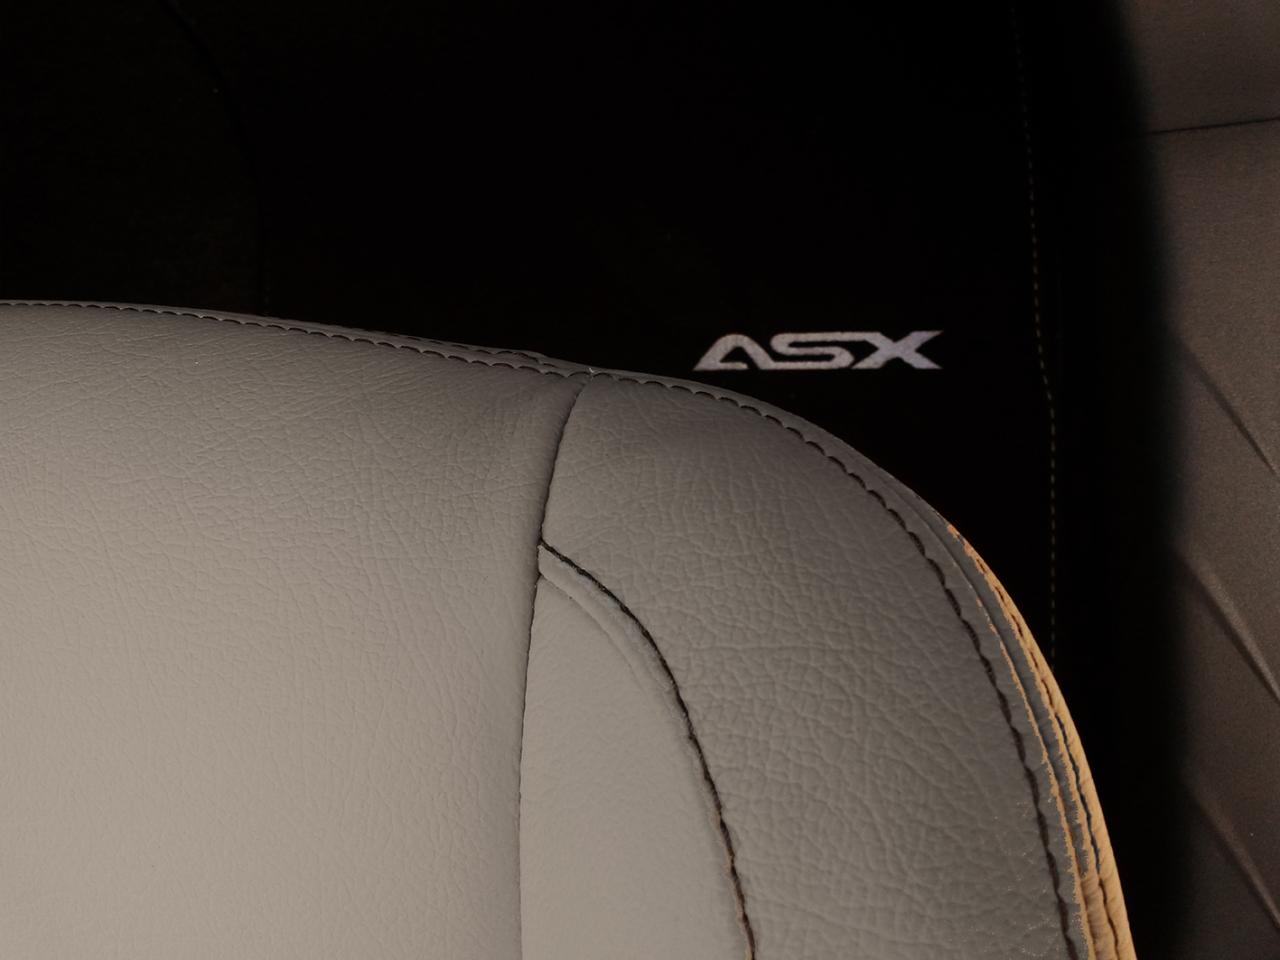 mitsubishi asx s concept 2015 nouvelle s rie sp ciale photo 3 l 39 argus. Black Bedroom Furniture Sets. Home Design Ideas